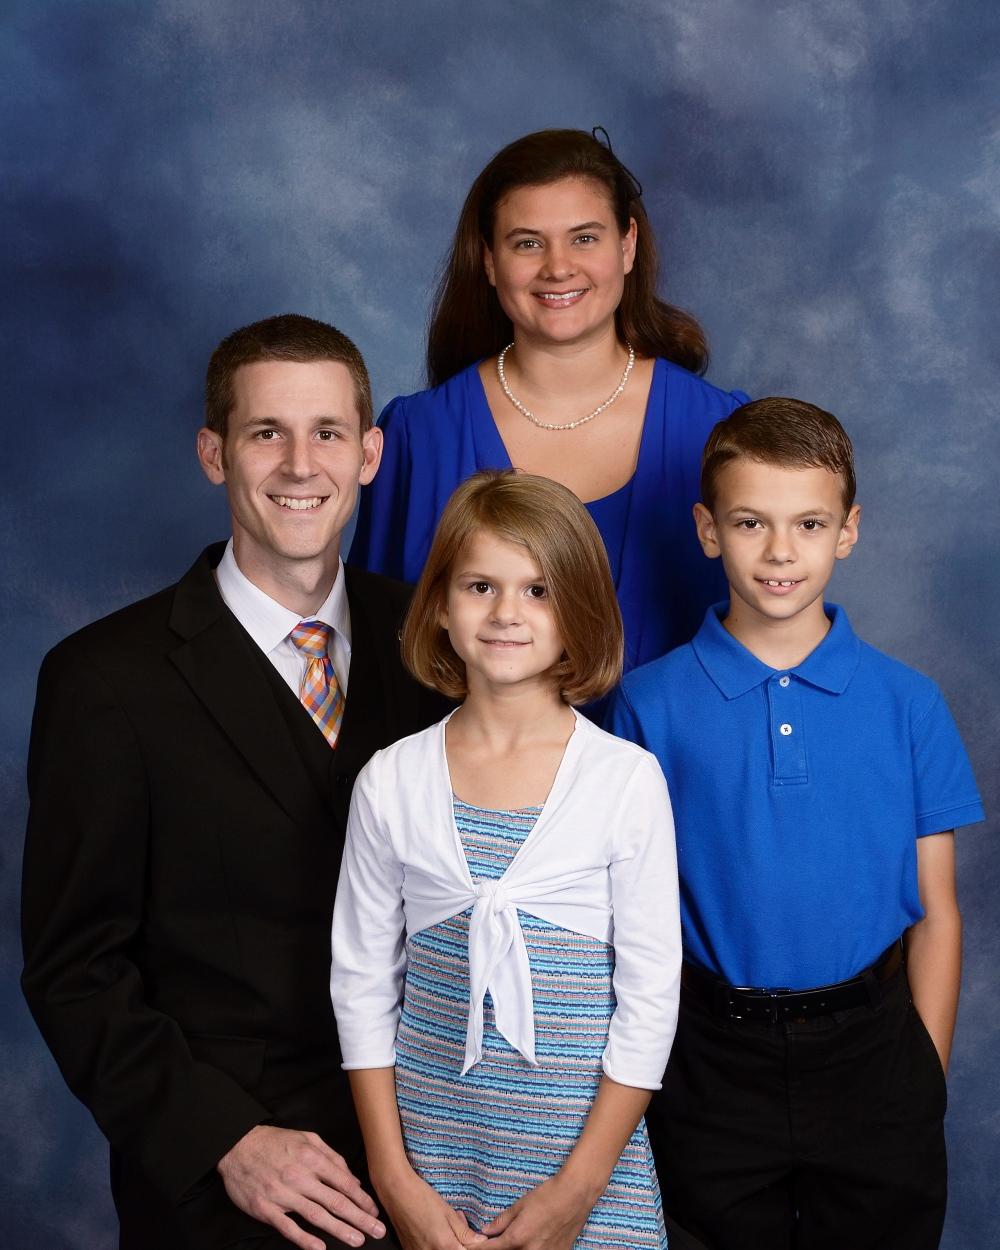 HENRY, Jared & Sarah_ Jacob, Hannah.jpg